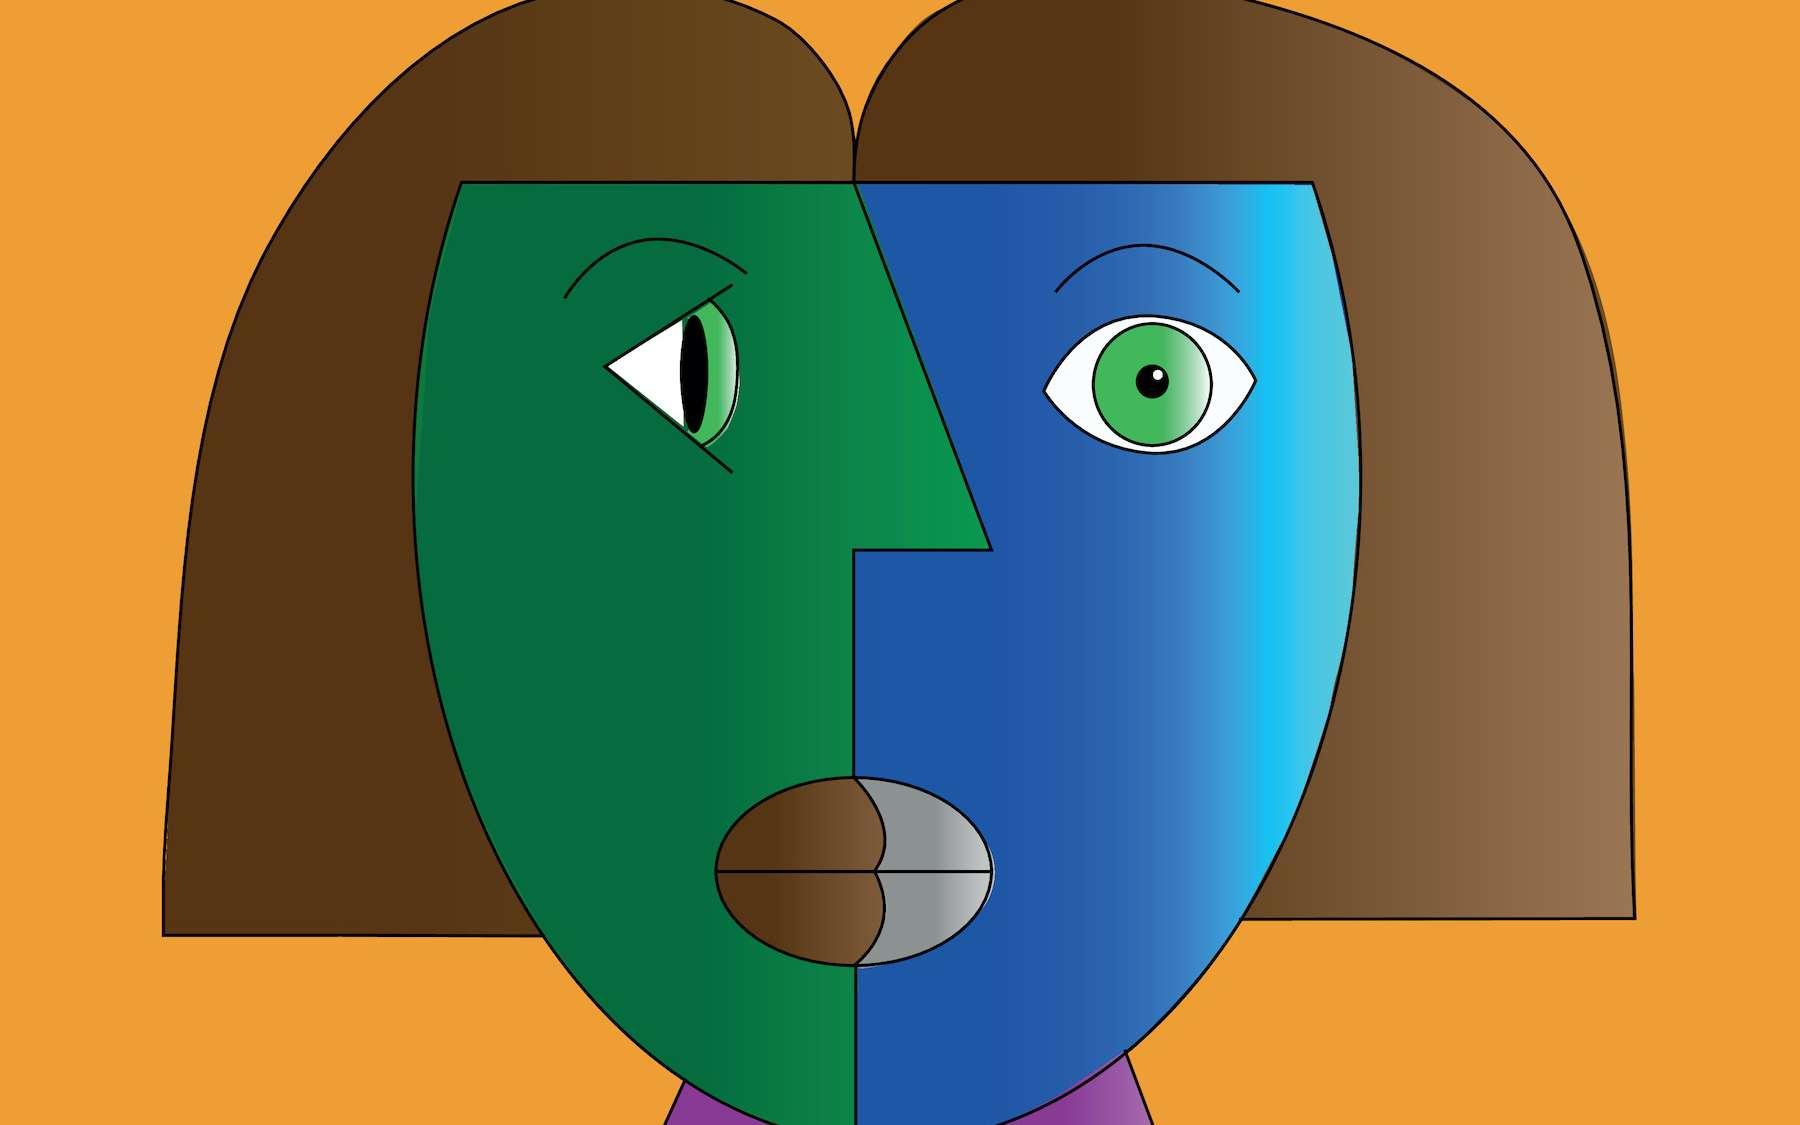 La prosopométamorphopsie affecte uniquement la perception des visages. © Carlos, Adobe Stock